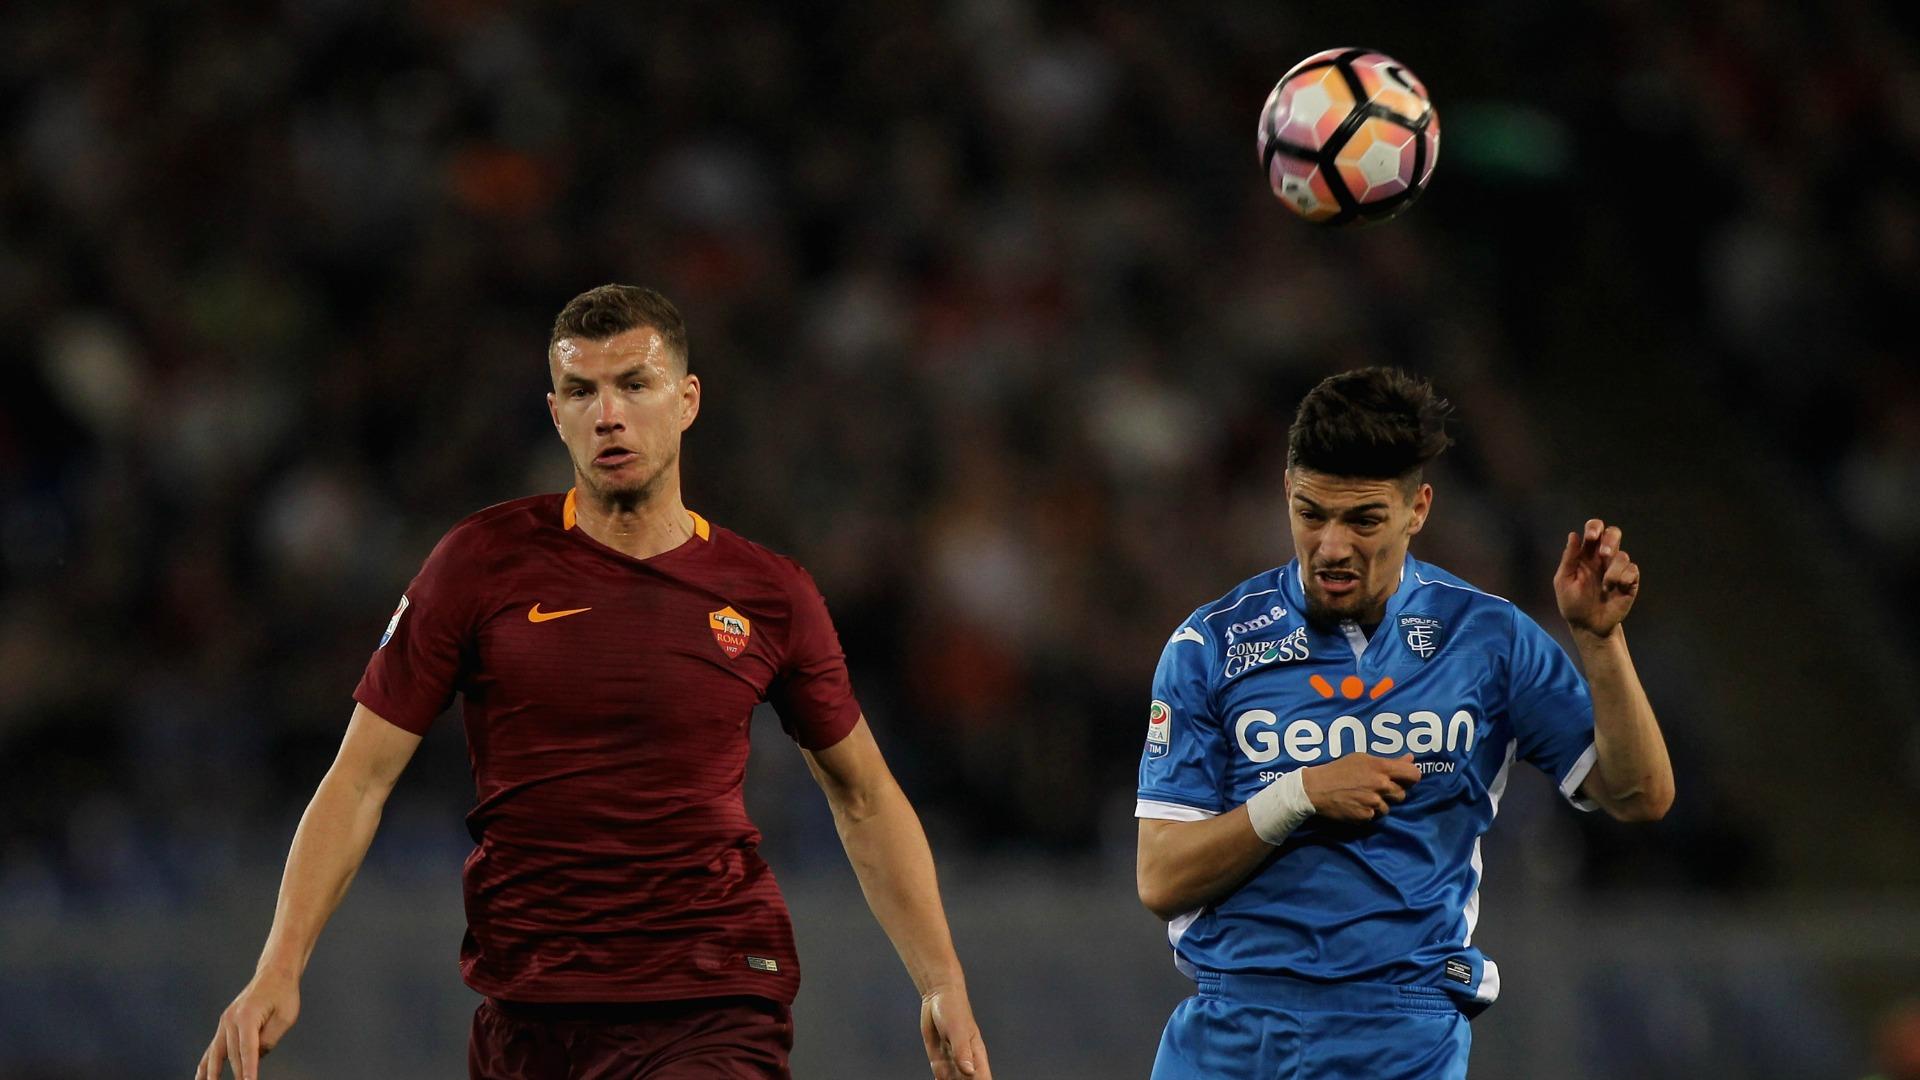 فيديو : روما يحقق فوزاً هاماً على امبولي